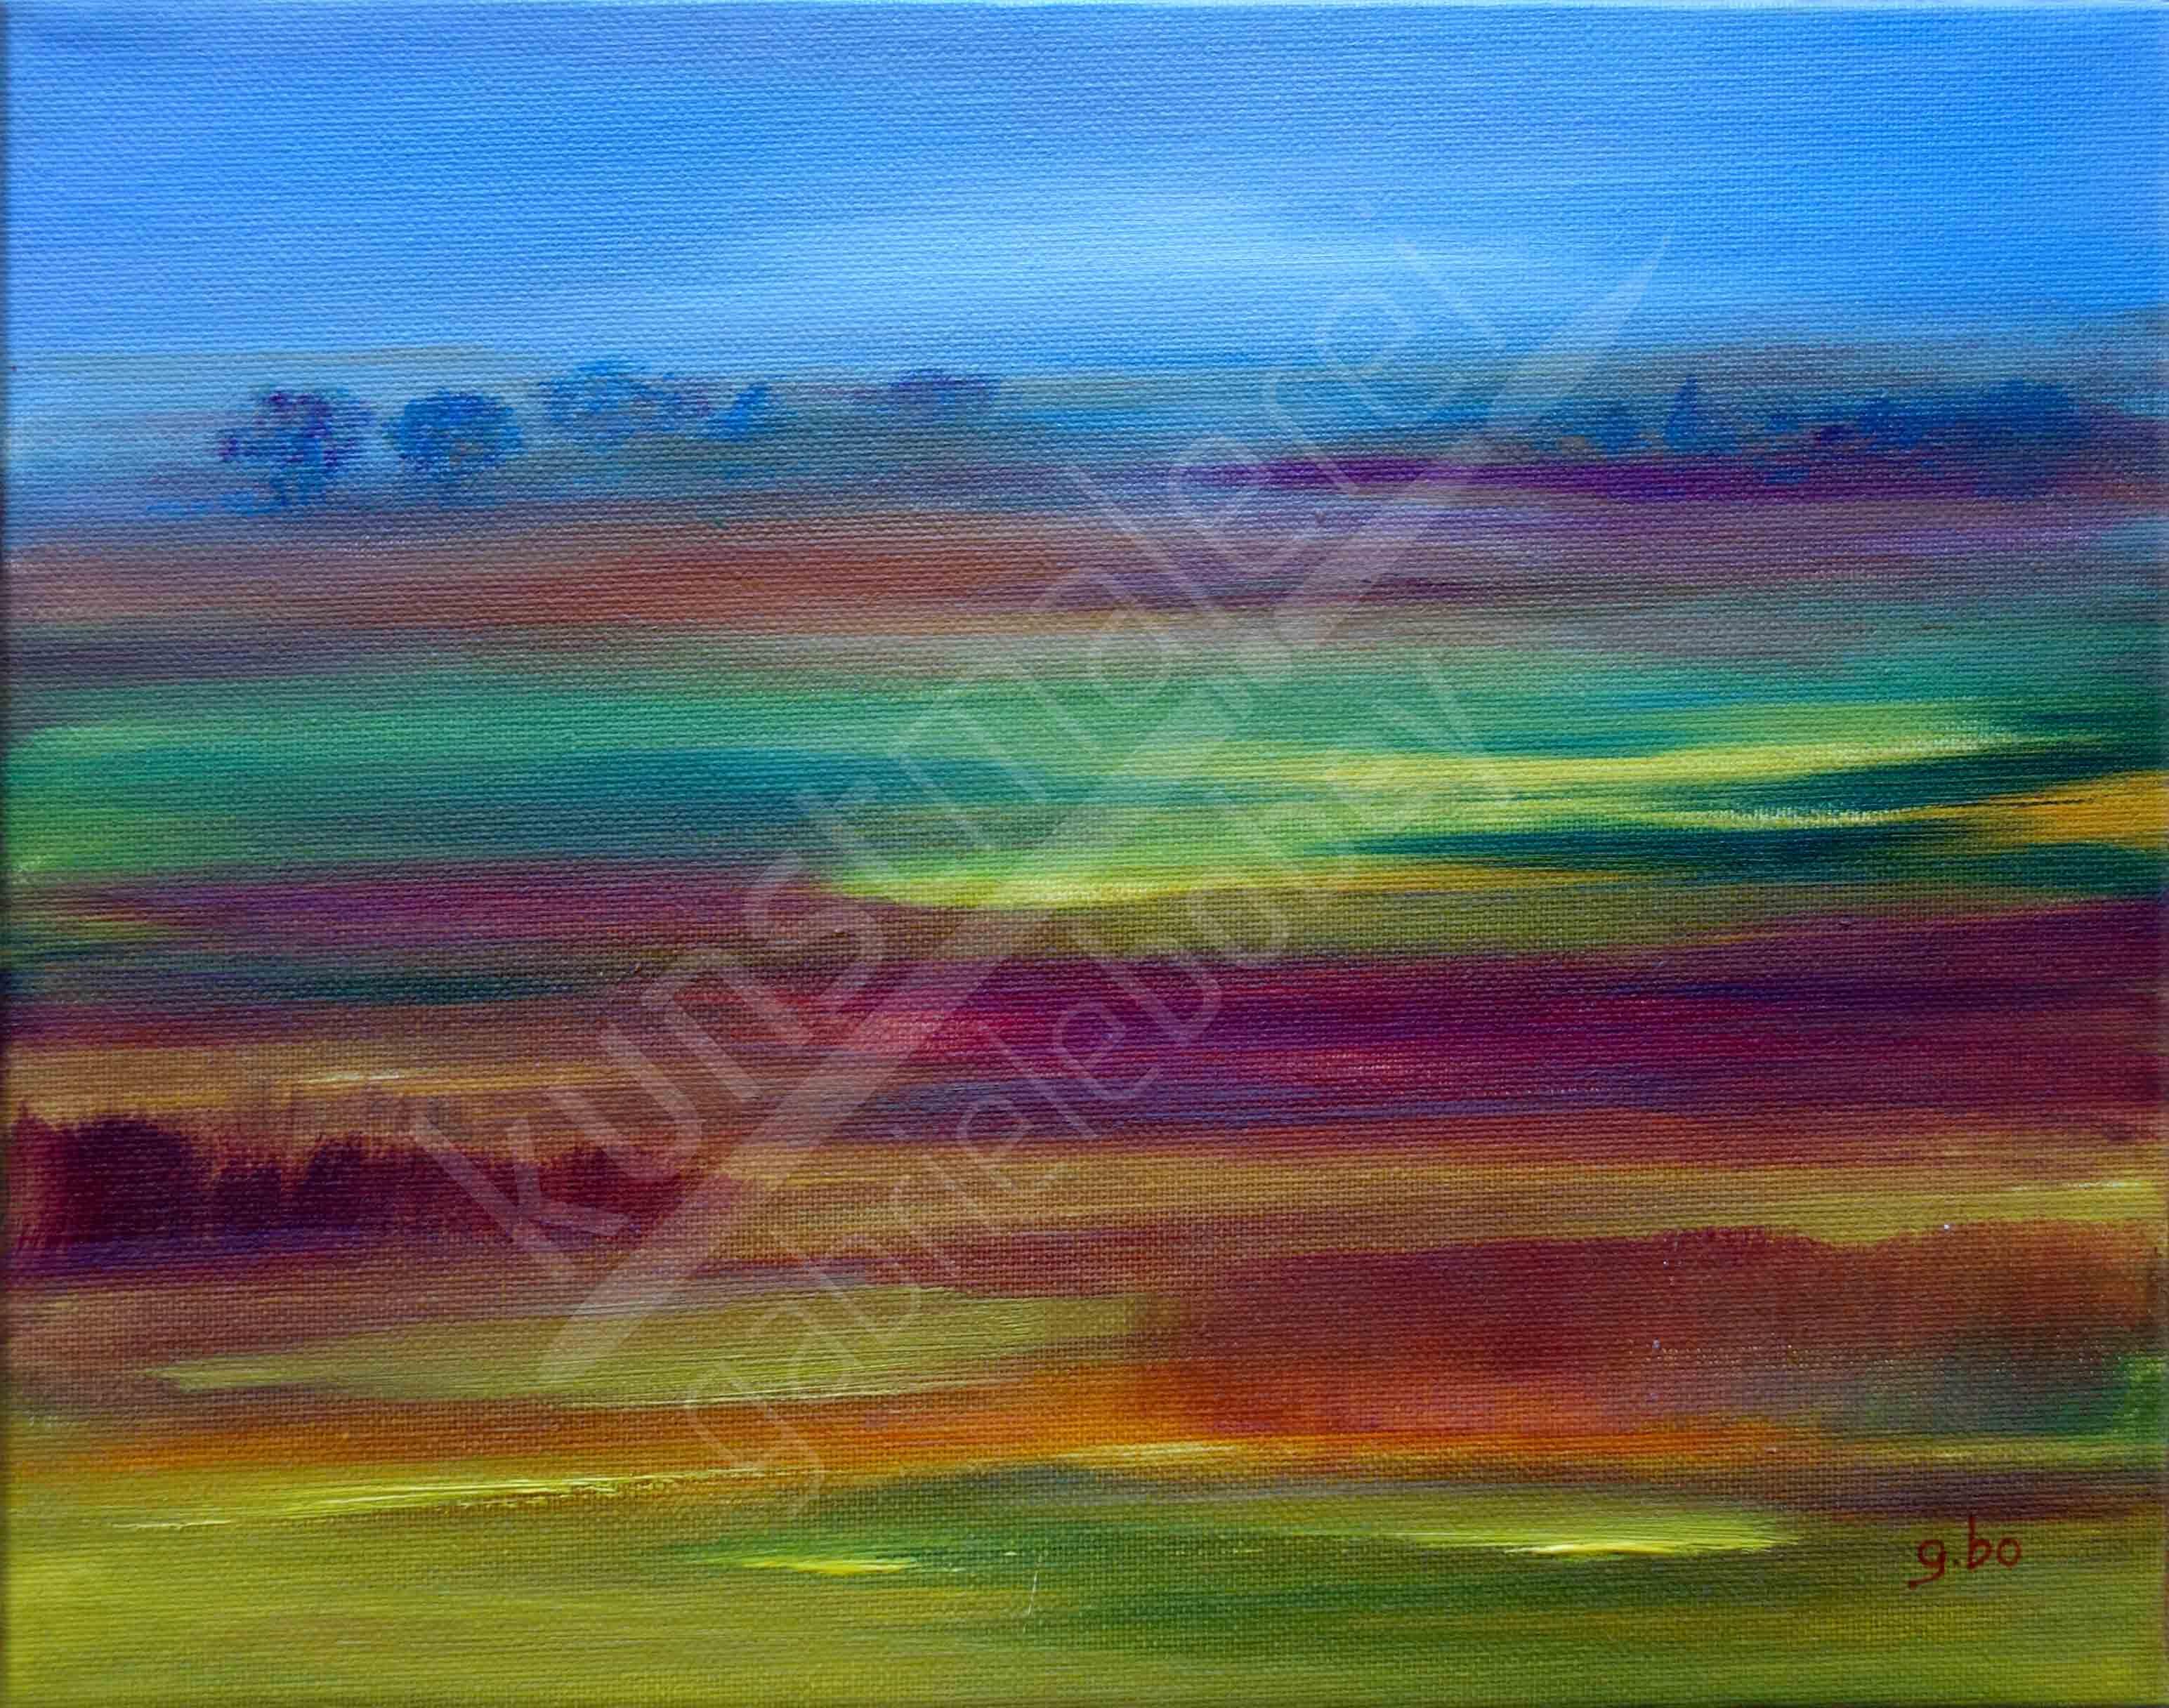 landschaftsmalerei acrylmalerei abstrakt